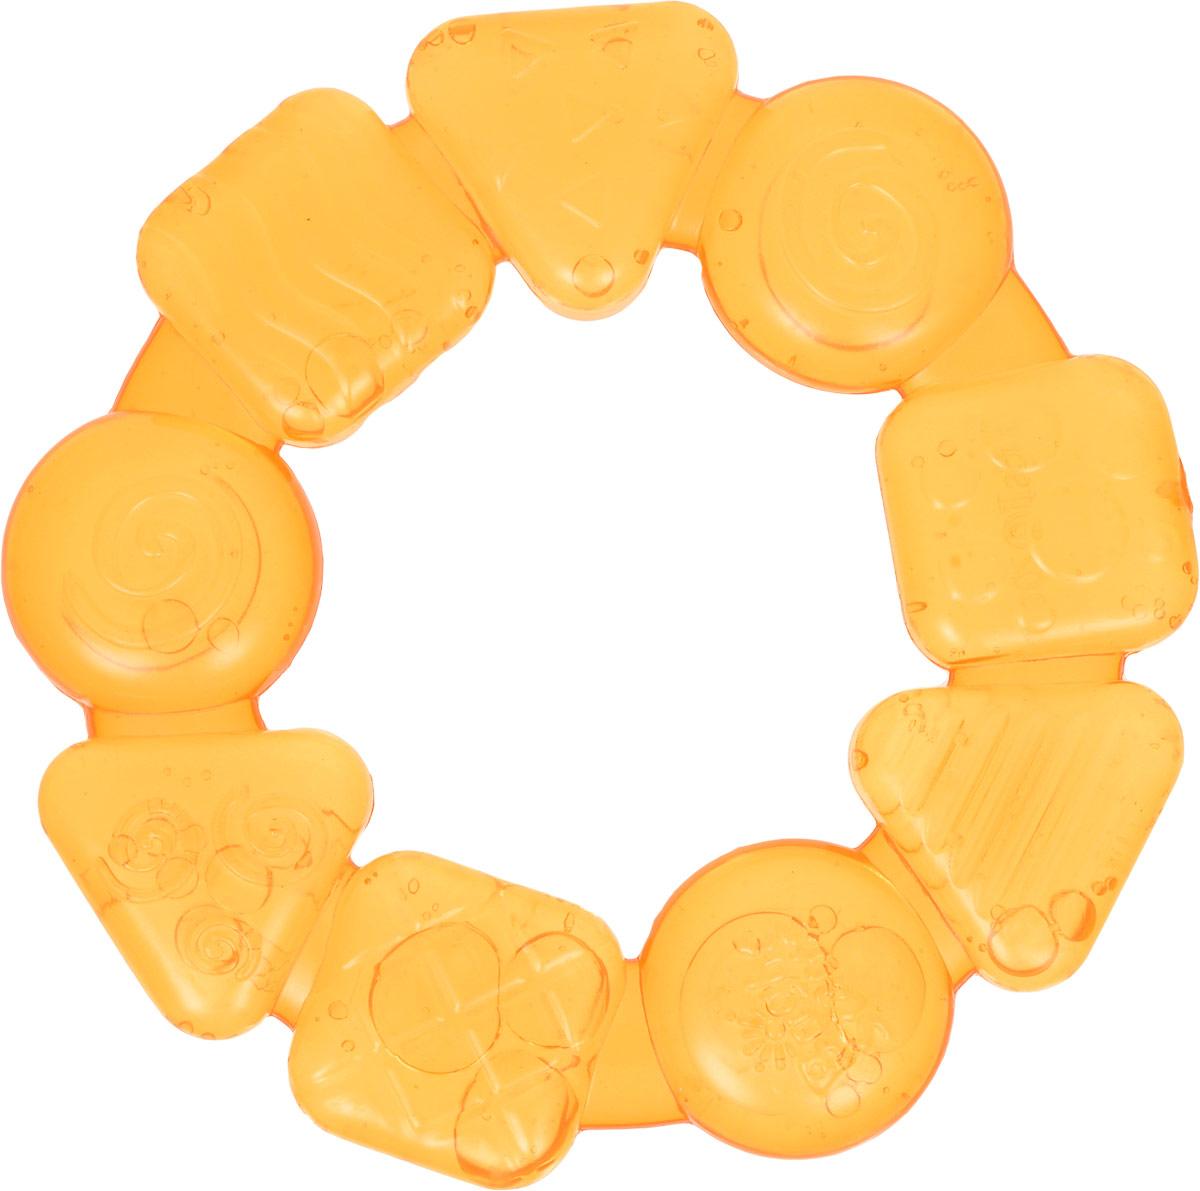 Bright Starts Прорезыватель Карамельный круг цвет желтый прорезыватель bright starts динозаврик желтый 52029 2